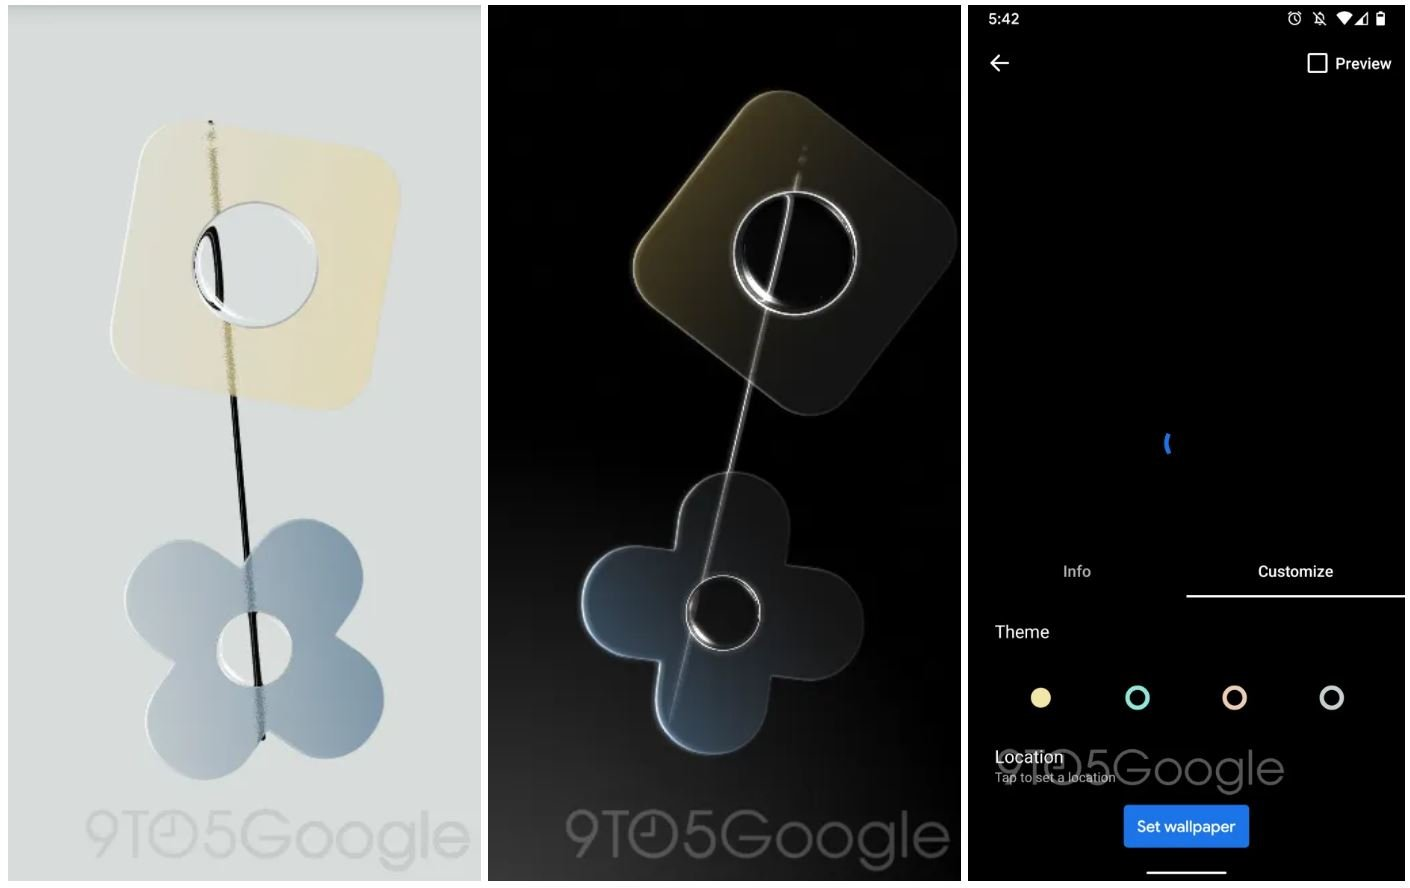 pixel 4 live wallpaper compass